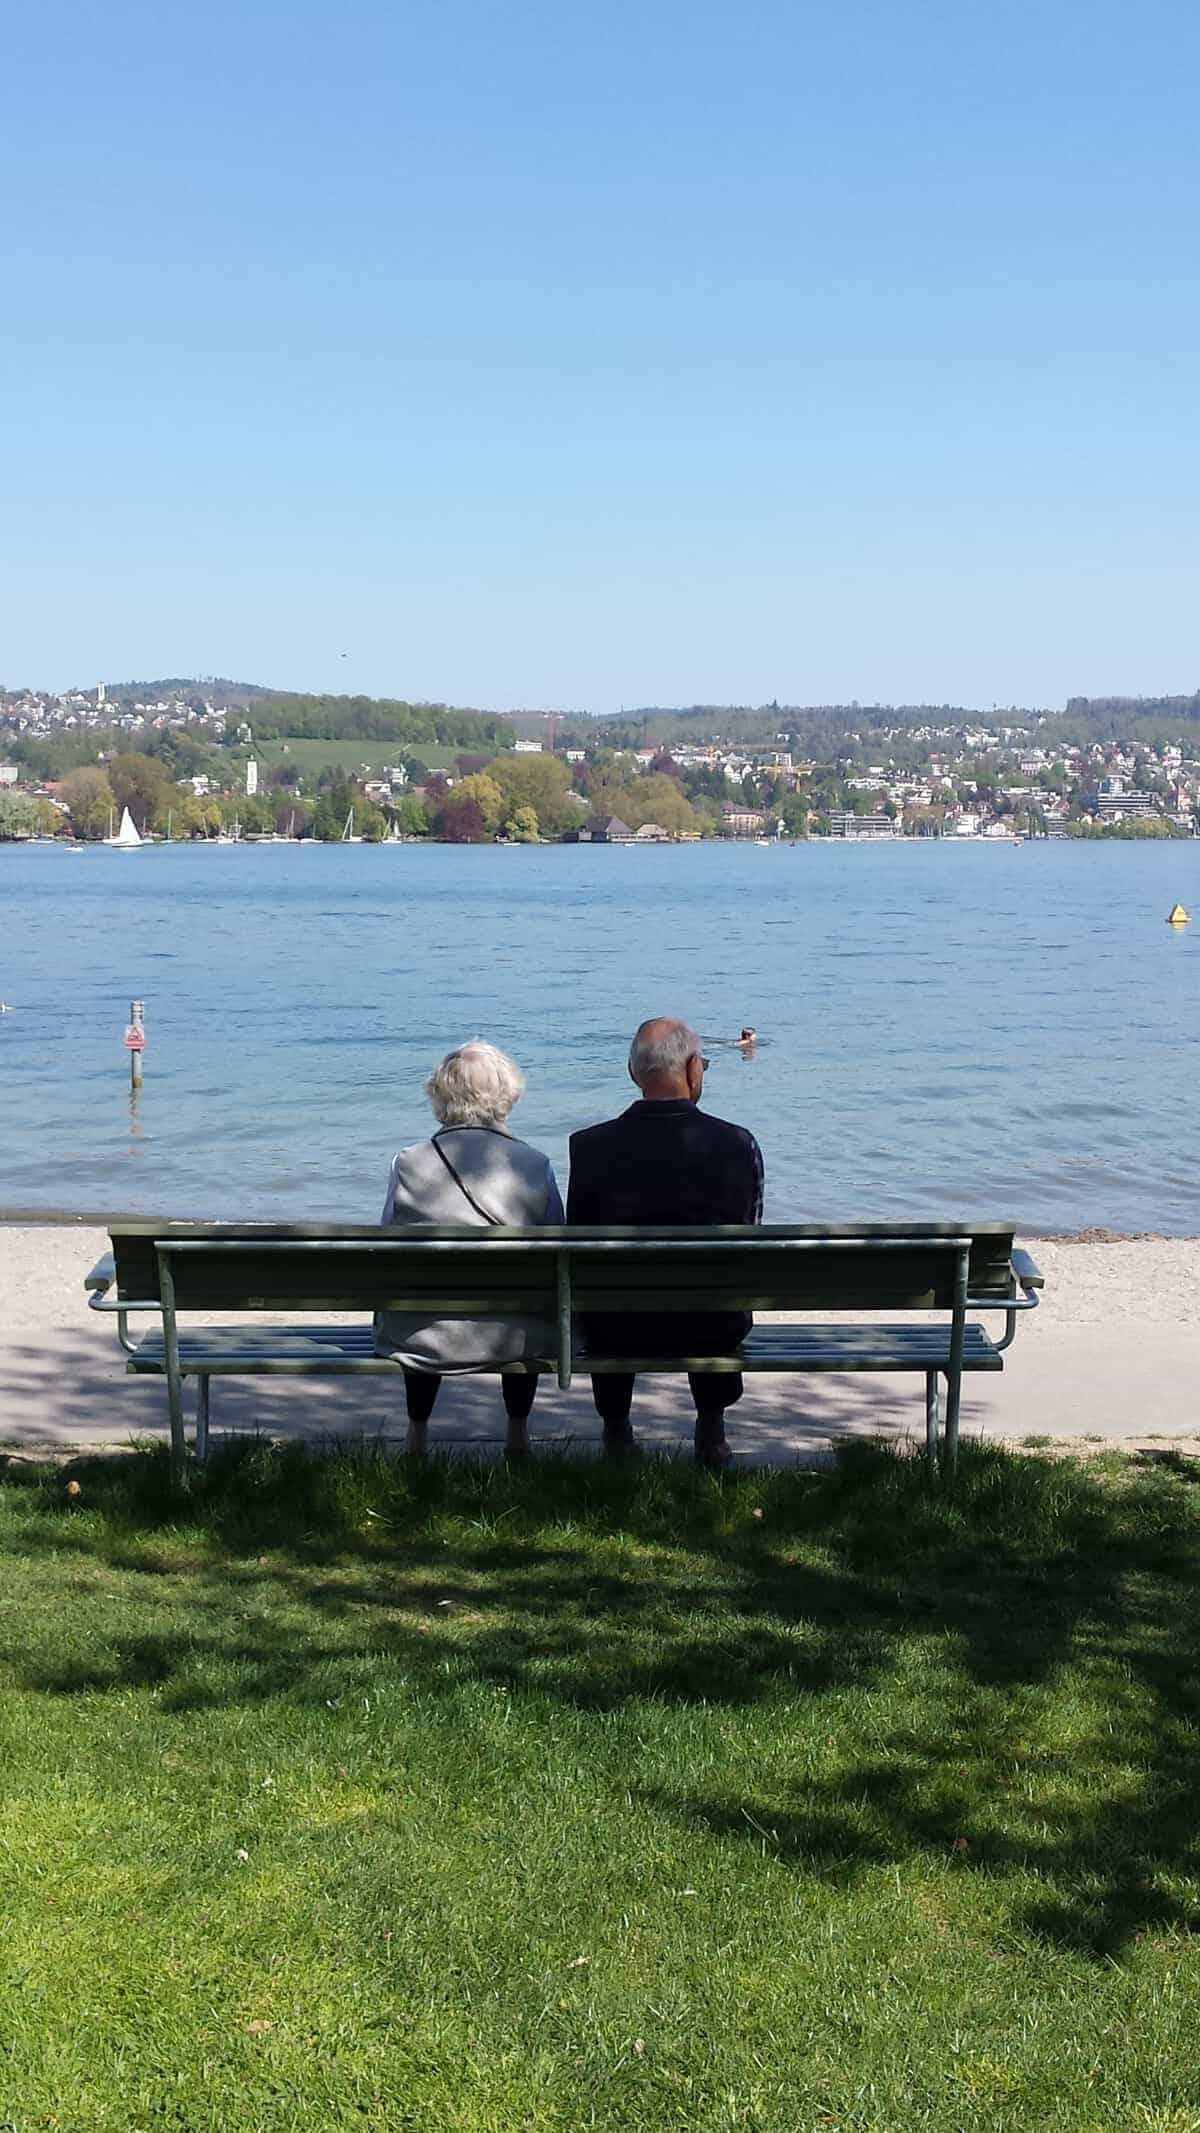 At Zurich lake